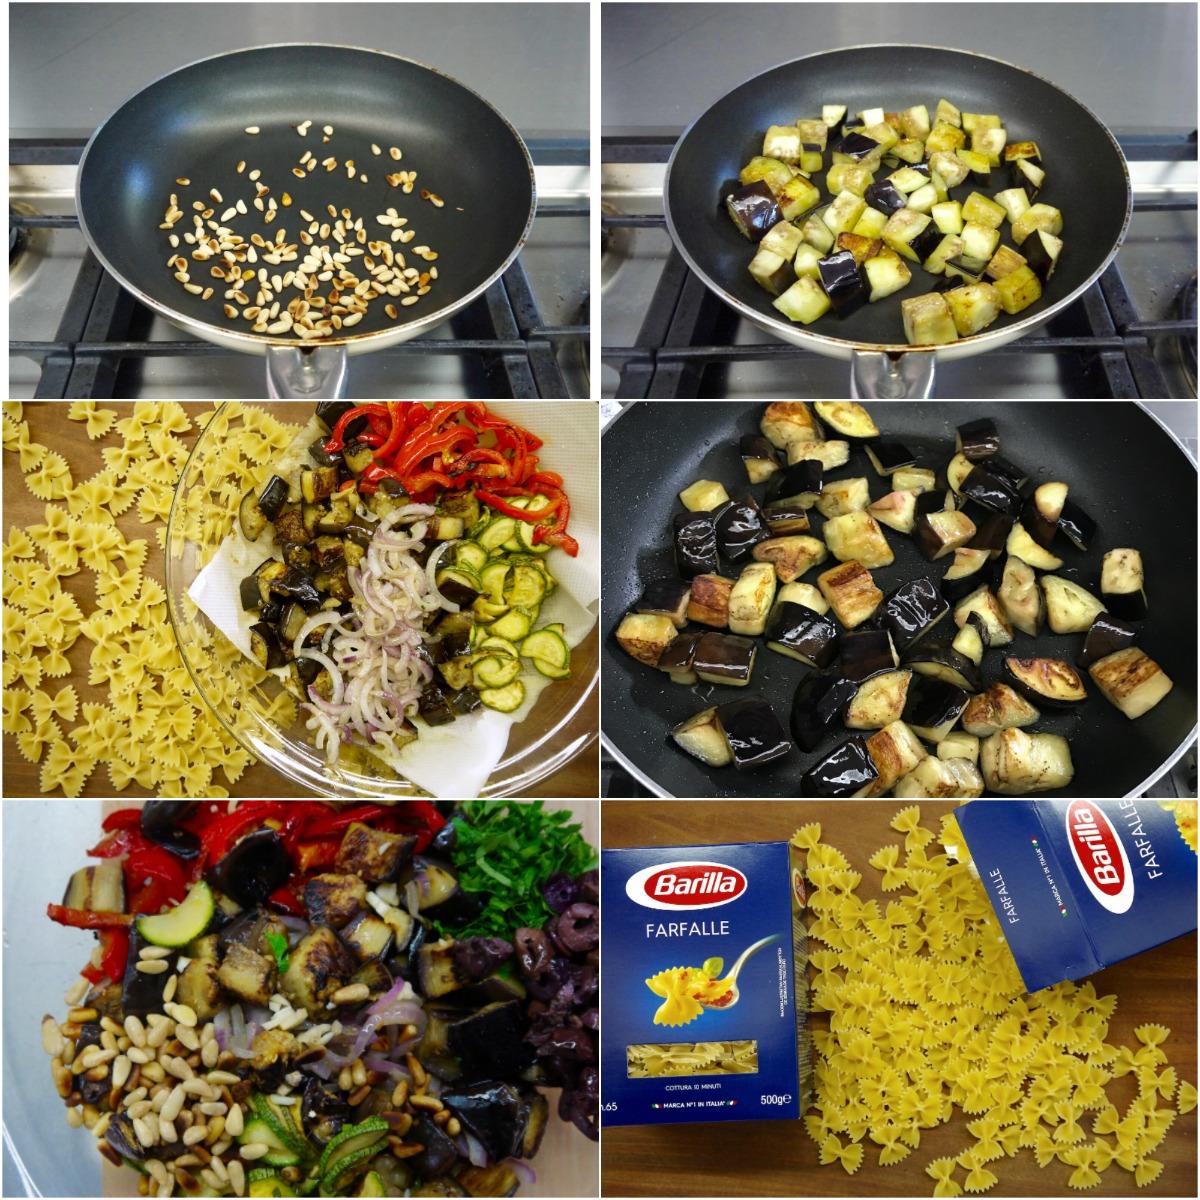 ετοιμάζοντας τα λαχανικά και τα κουκουνάρια